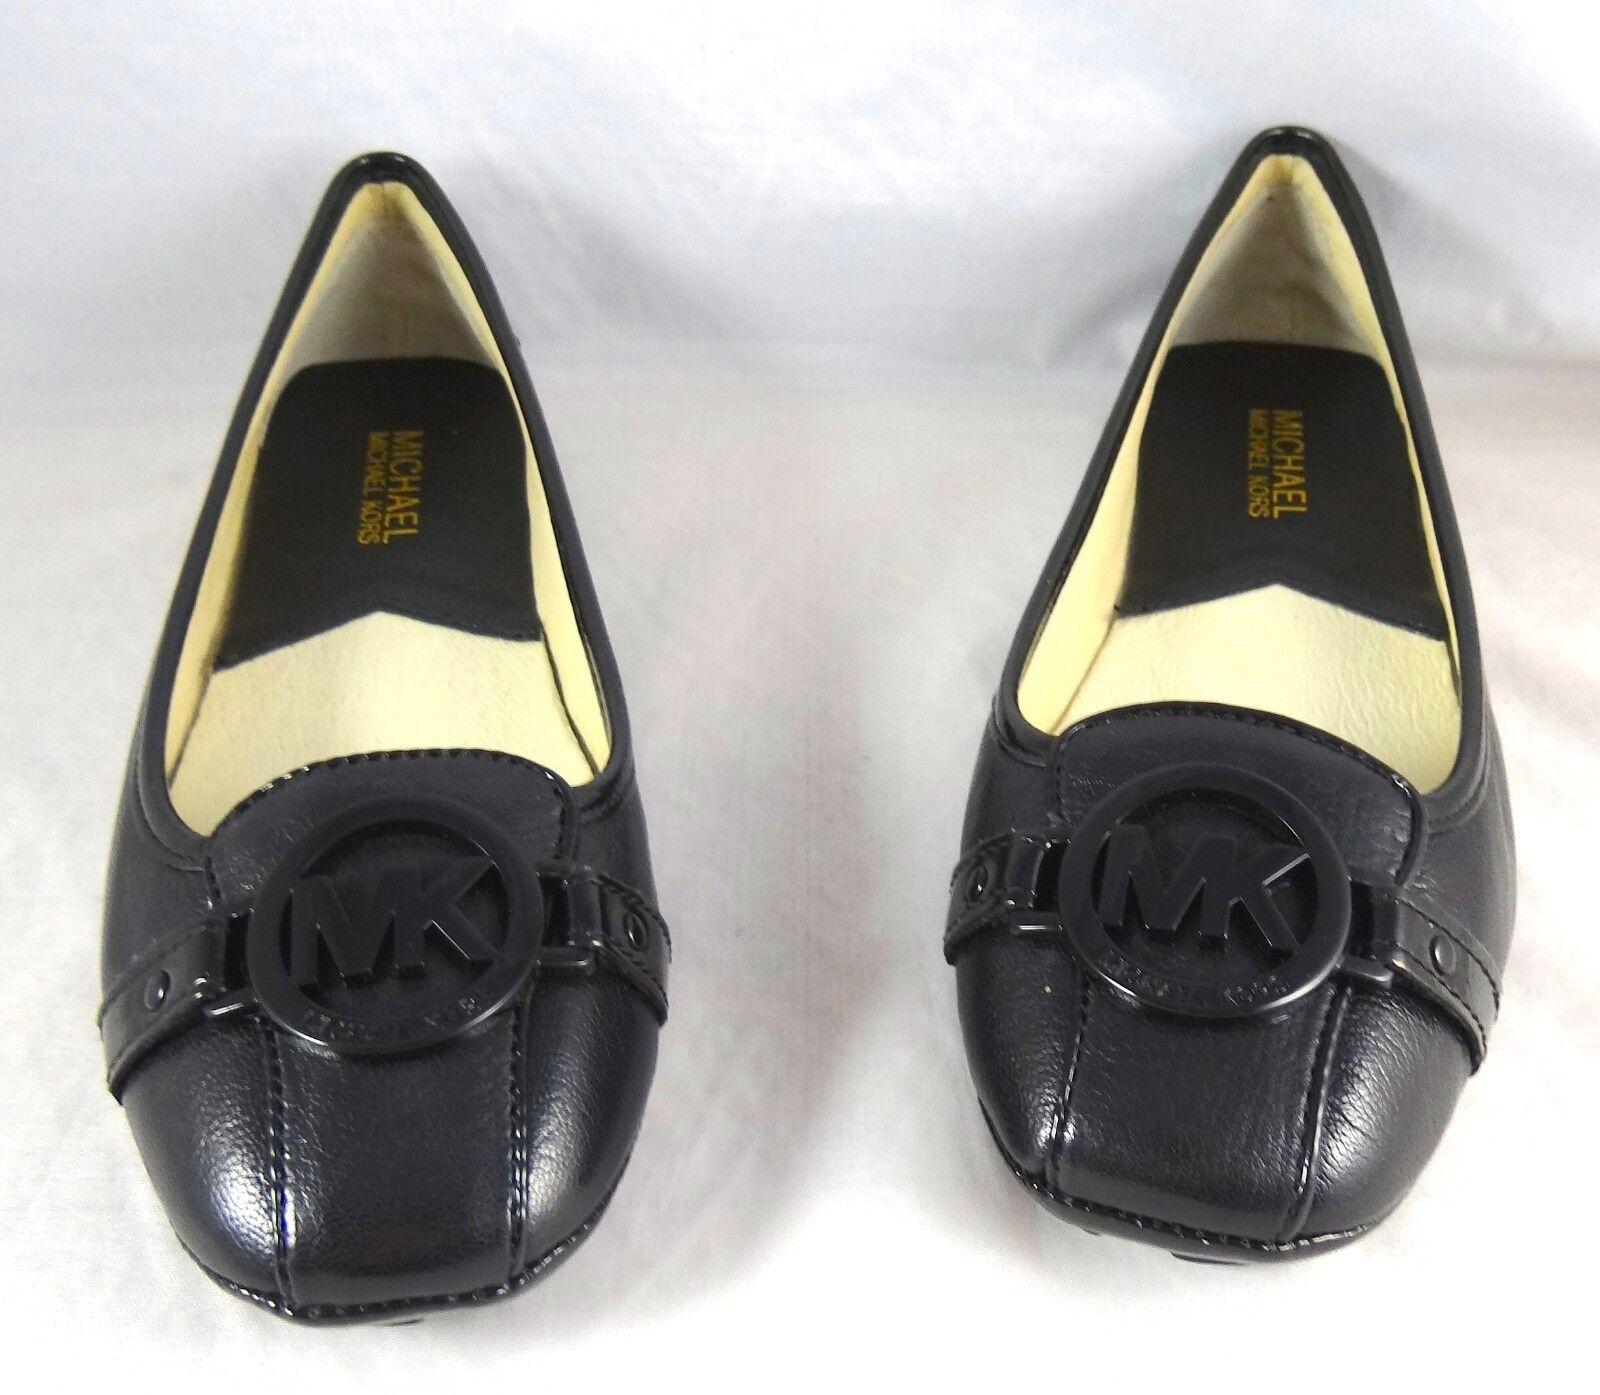 Fidelio donna pantofole pelle ciabatte pantofola bronzo pelle pantofole 23423 NUOVO 602449